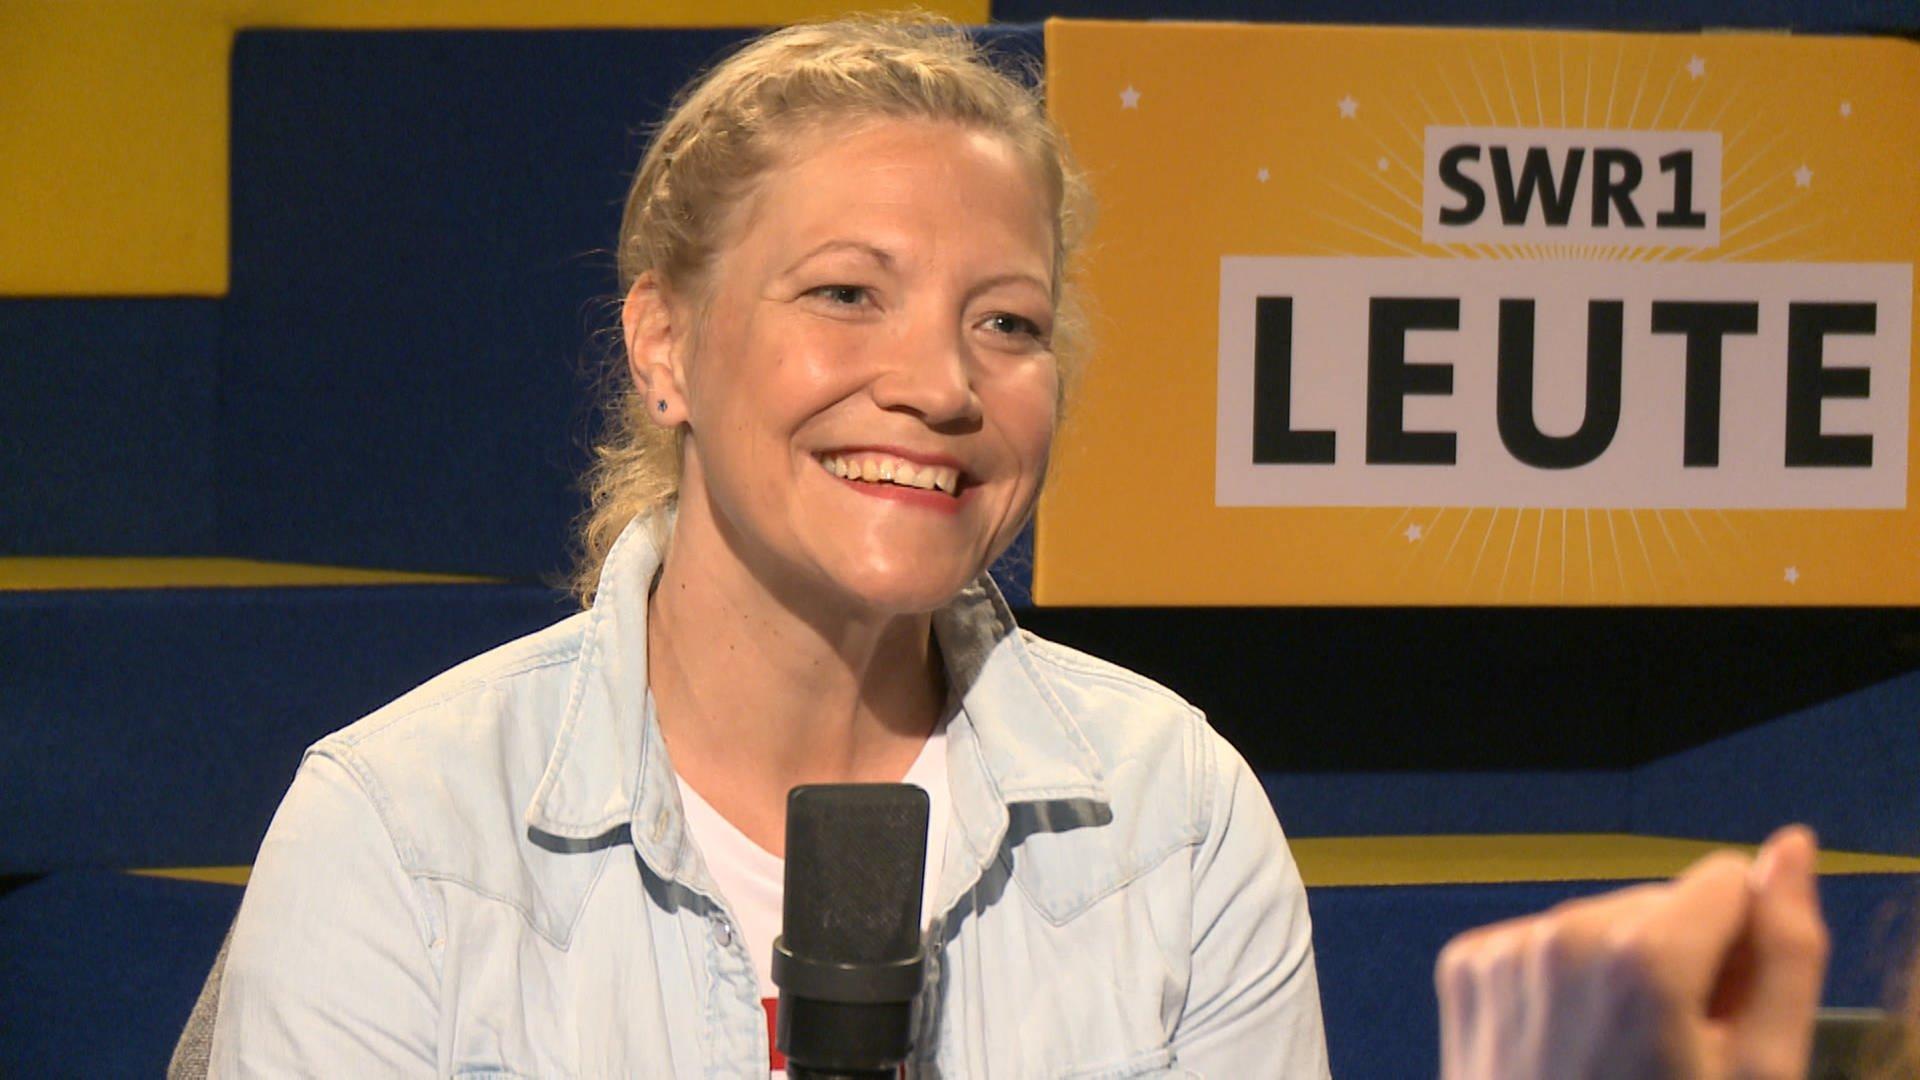 Susanne Hippauf